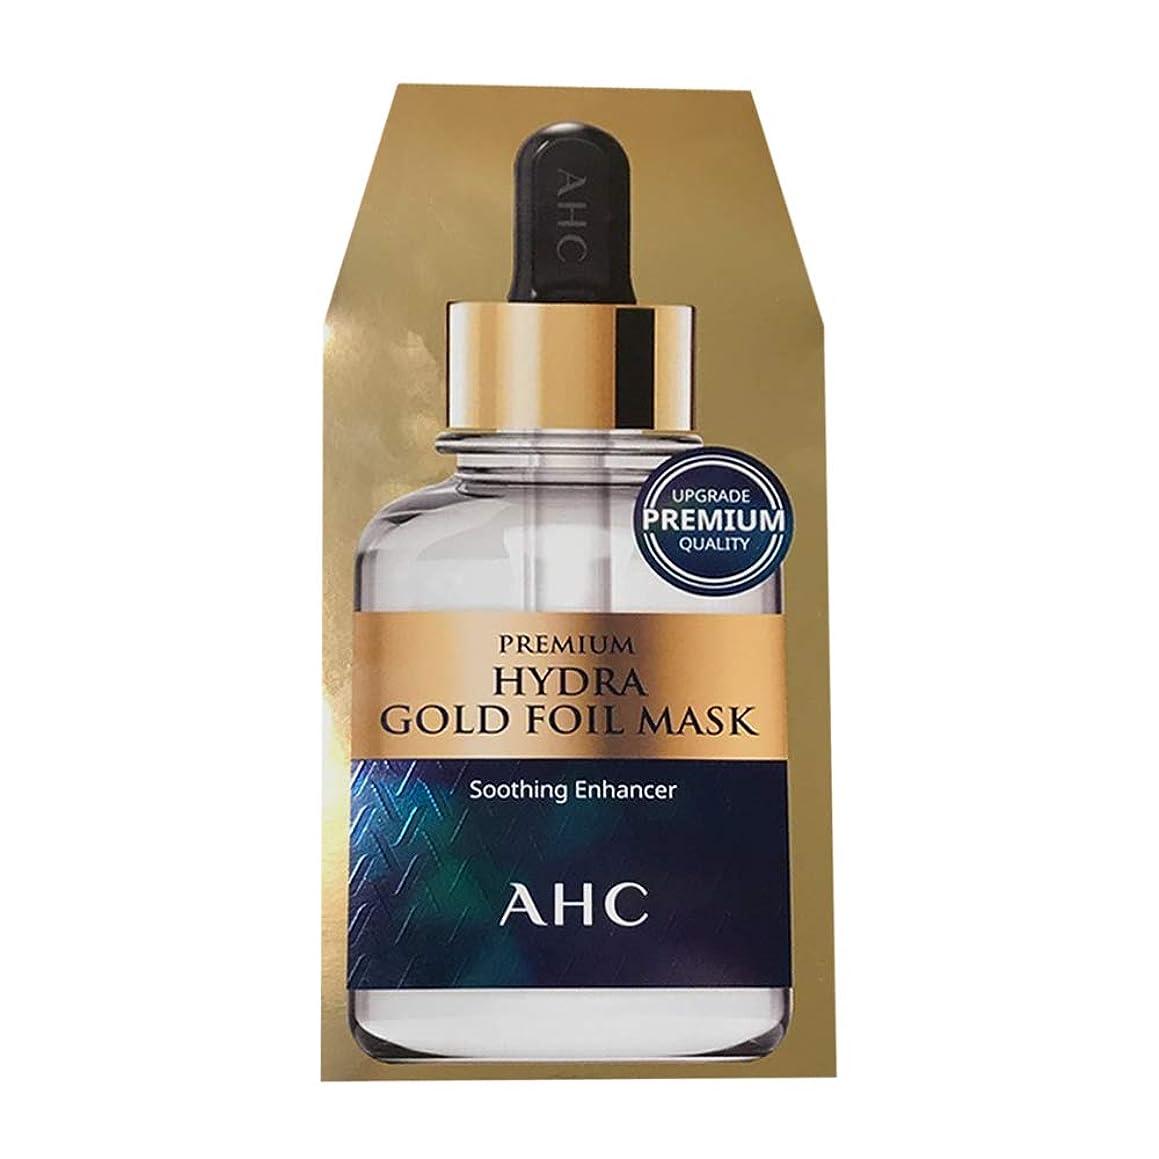 証明書オーバーラン刑務所[New] A.H.C (AHC) Premium Hydra Gold Foil Mask 25g × 5EA/A.H.C プレミアム ハイドラ ゴールド ホイル マスク 25g × 5枚